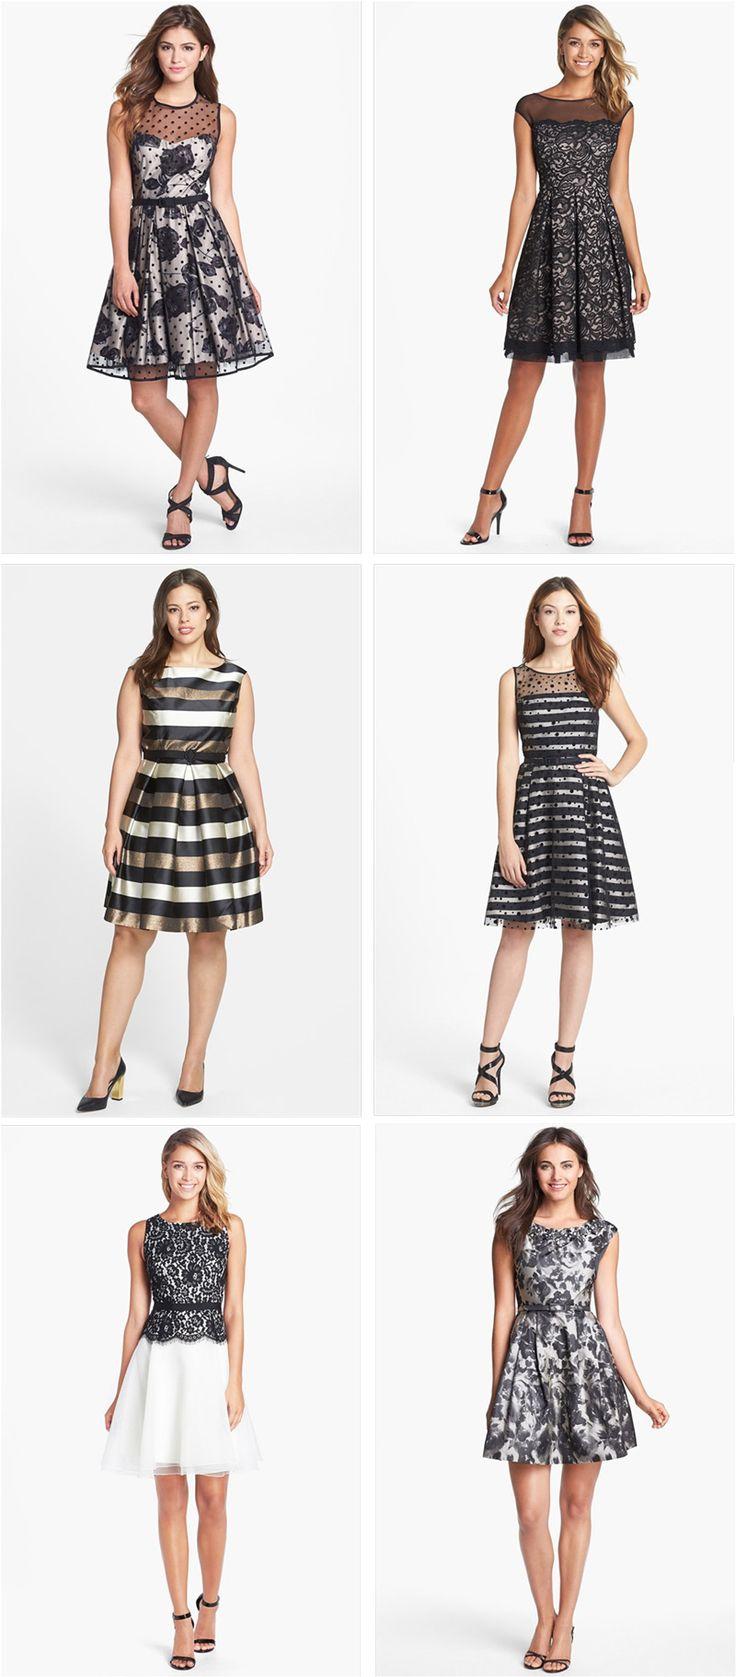 Fullsize Of Styles Of Dresses